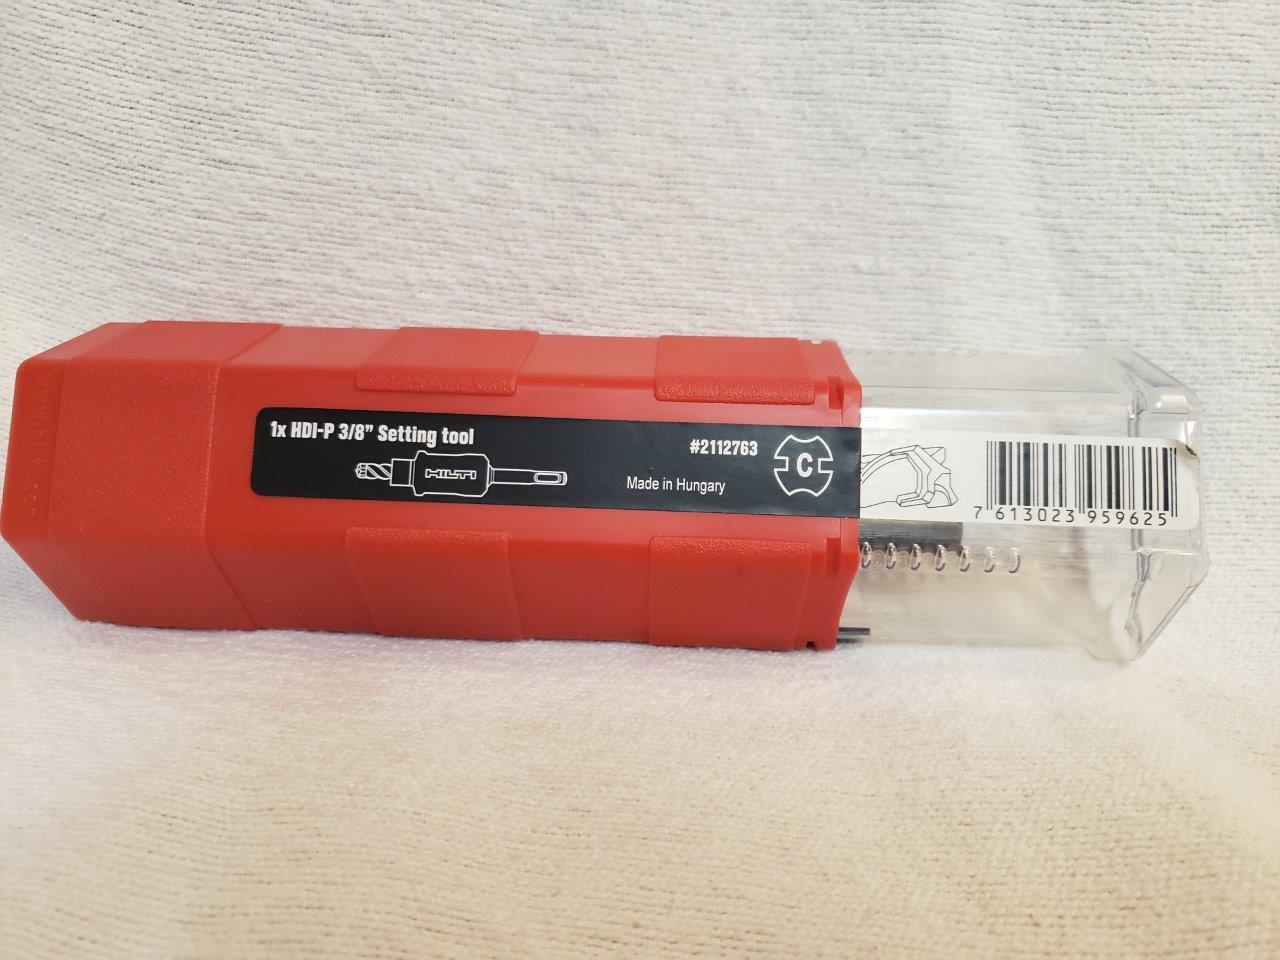 Brand New Hilti Set tool & Drill Bit Combo 2112763 HDI-P 3/8